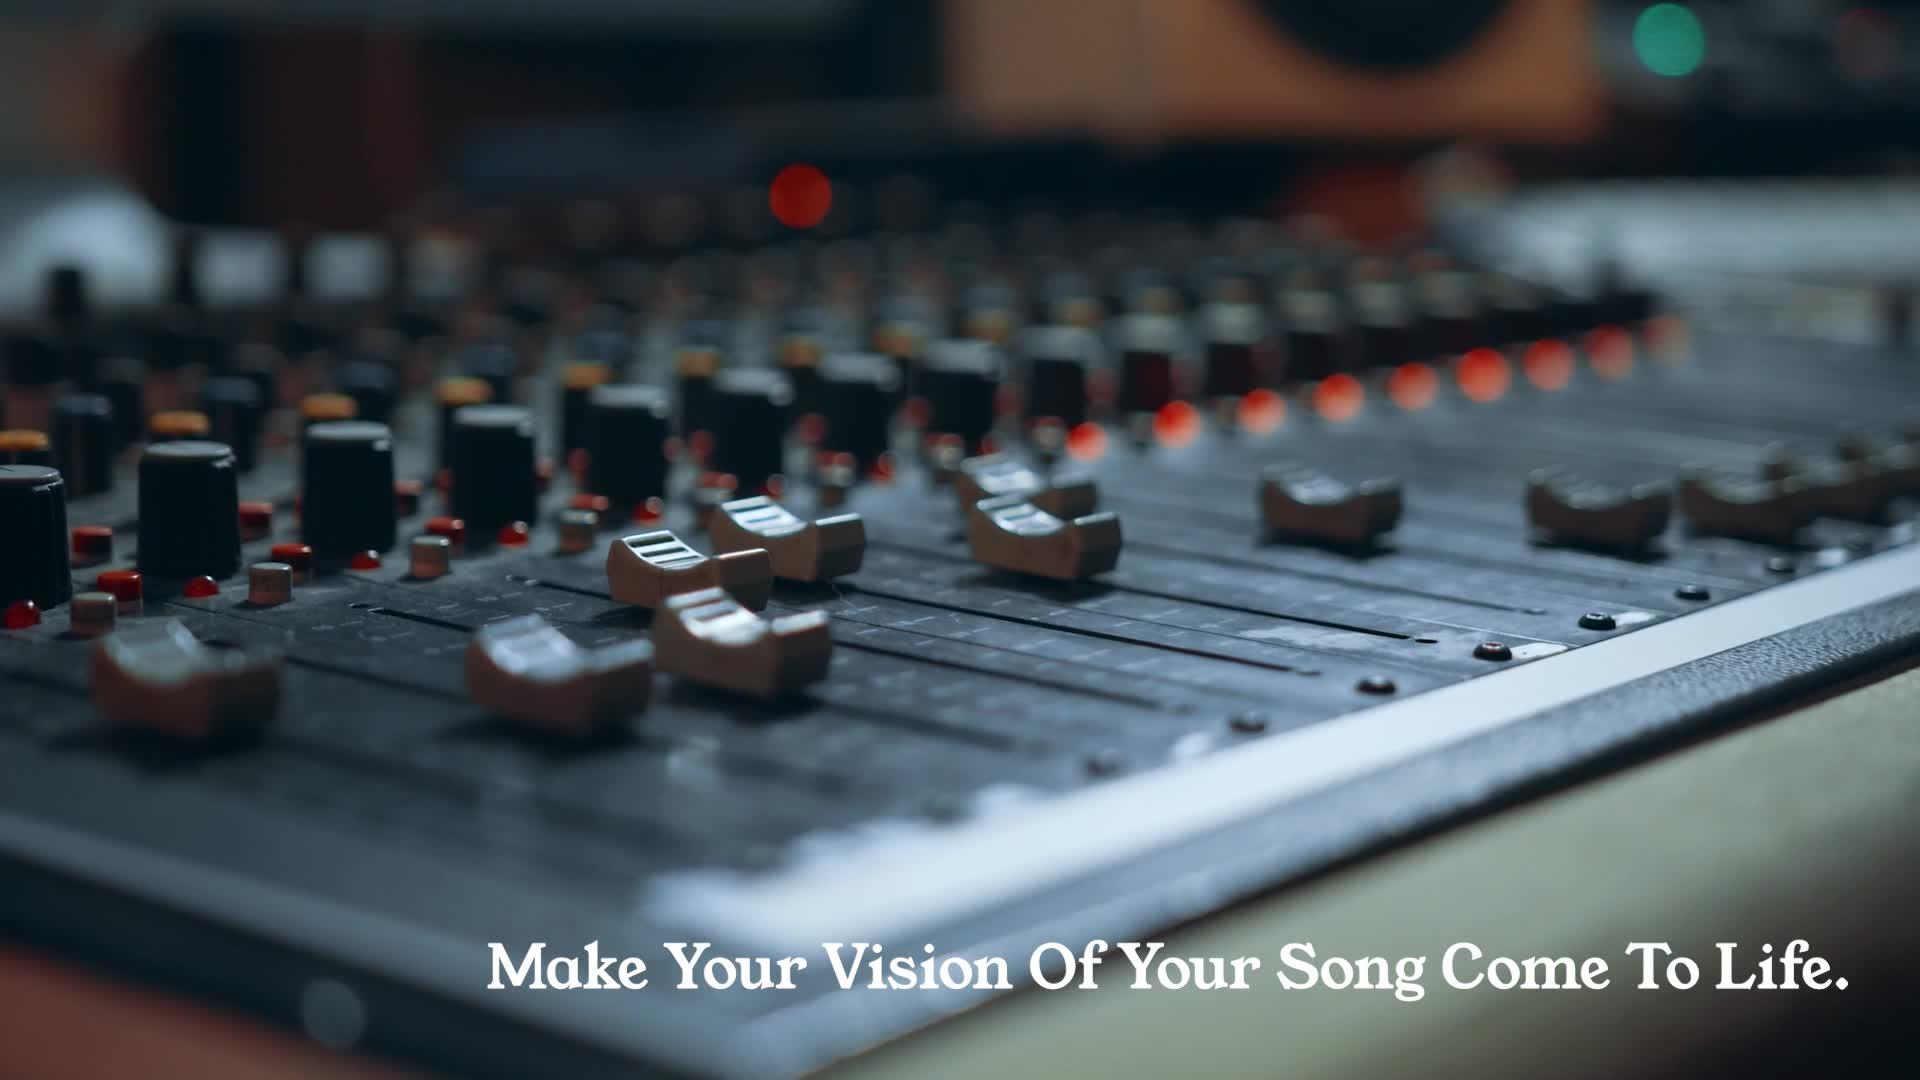 master-music-audio-freelancer-image-58031